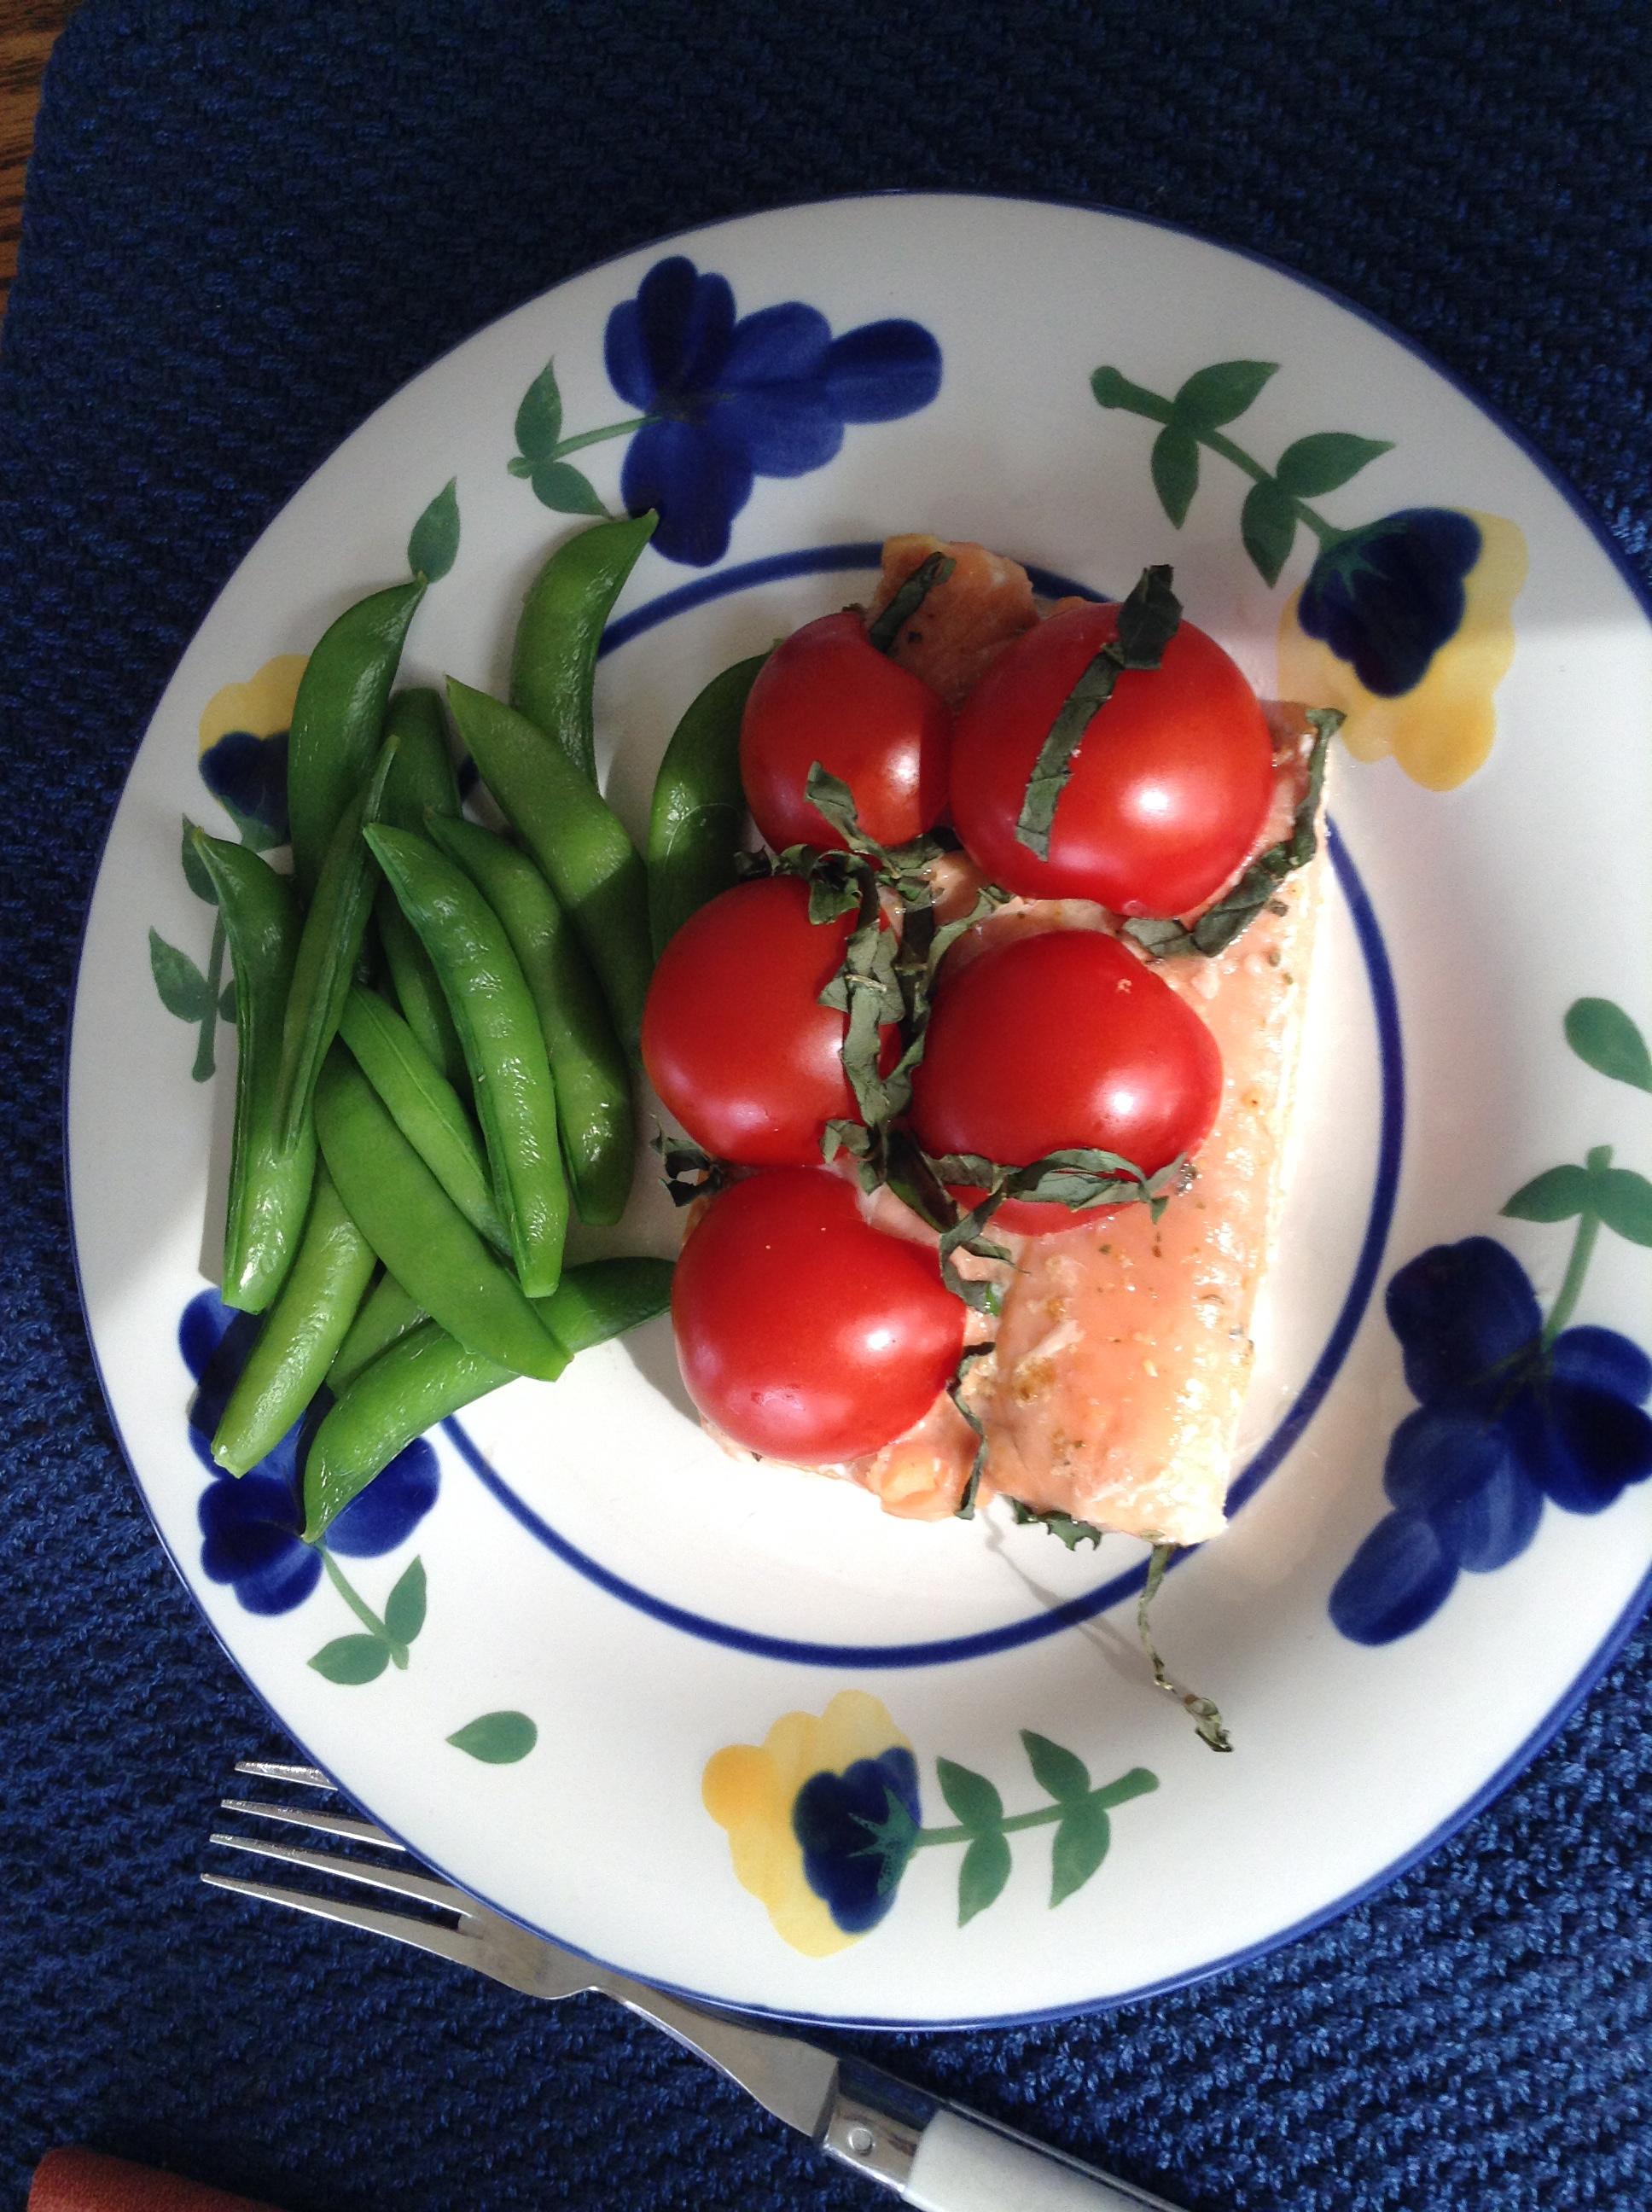 Roasted slamon w: tom + sug-snap peas